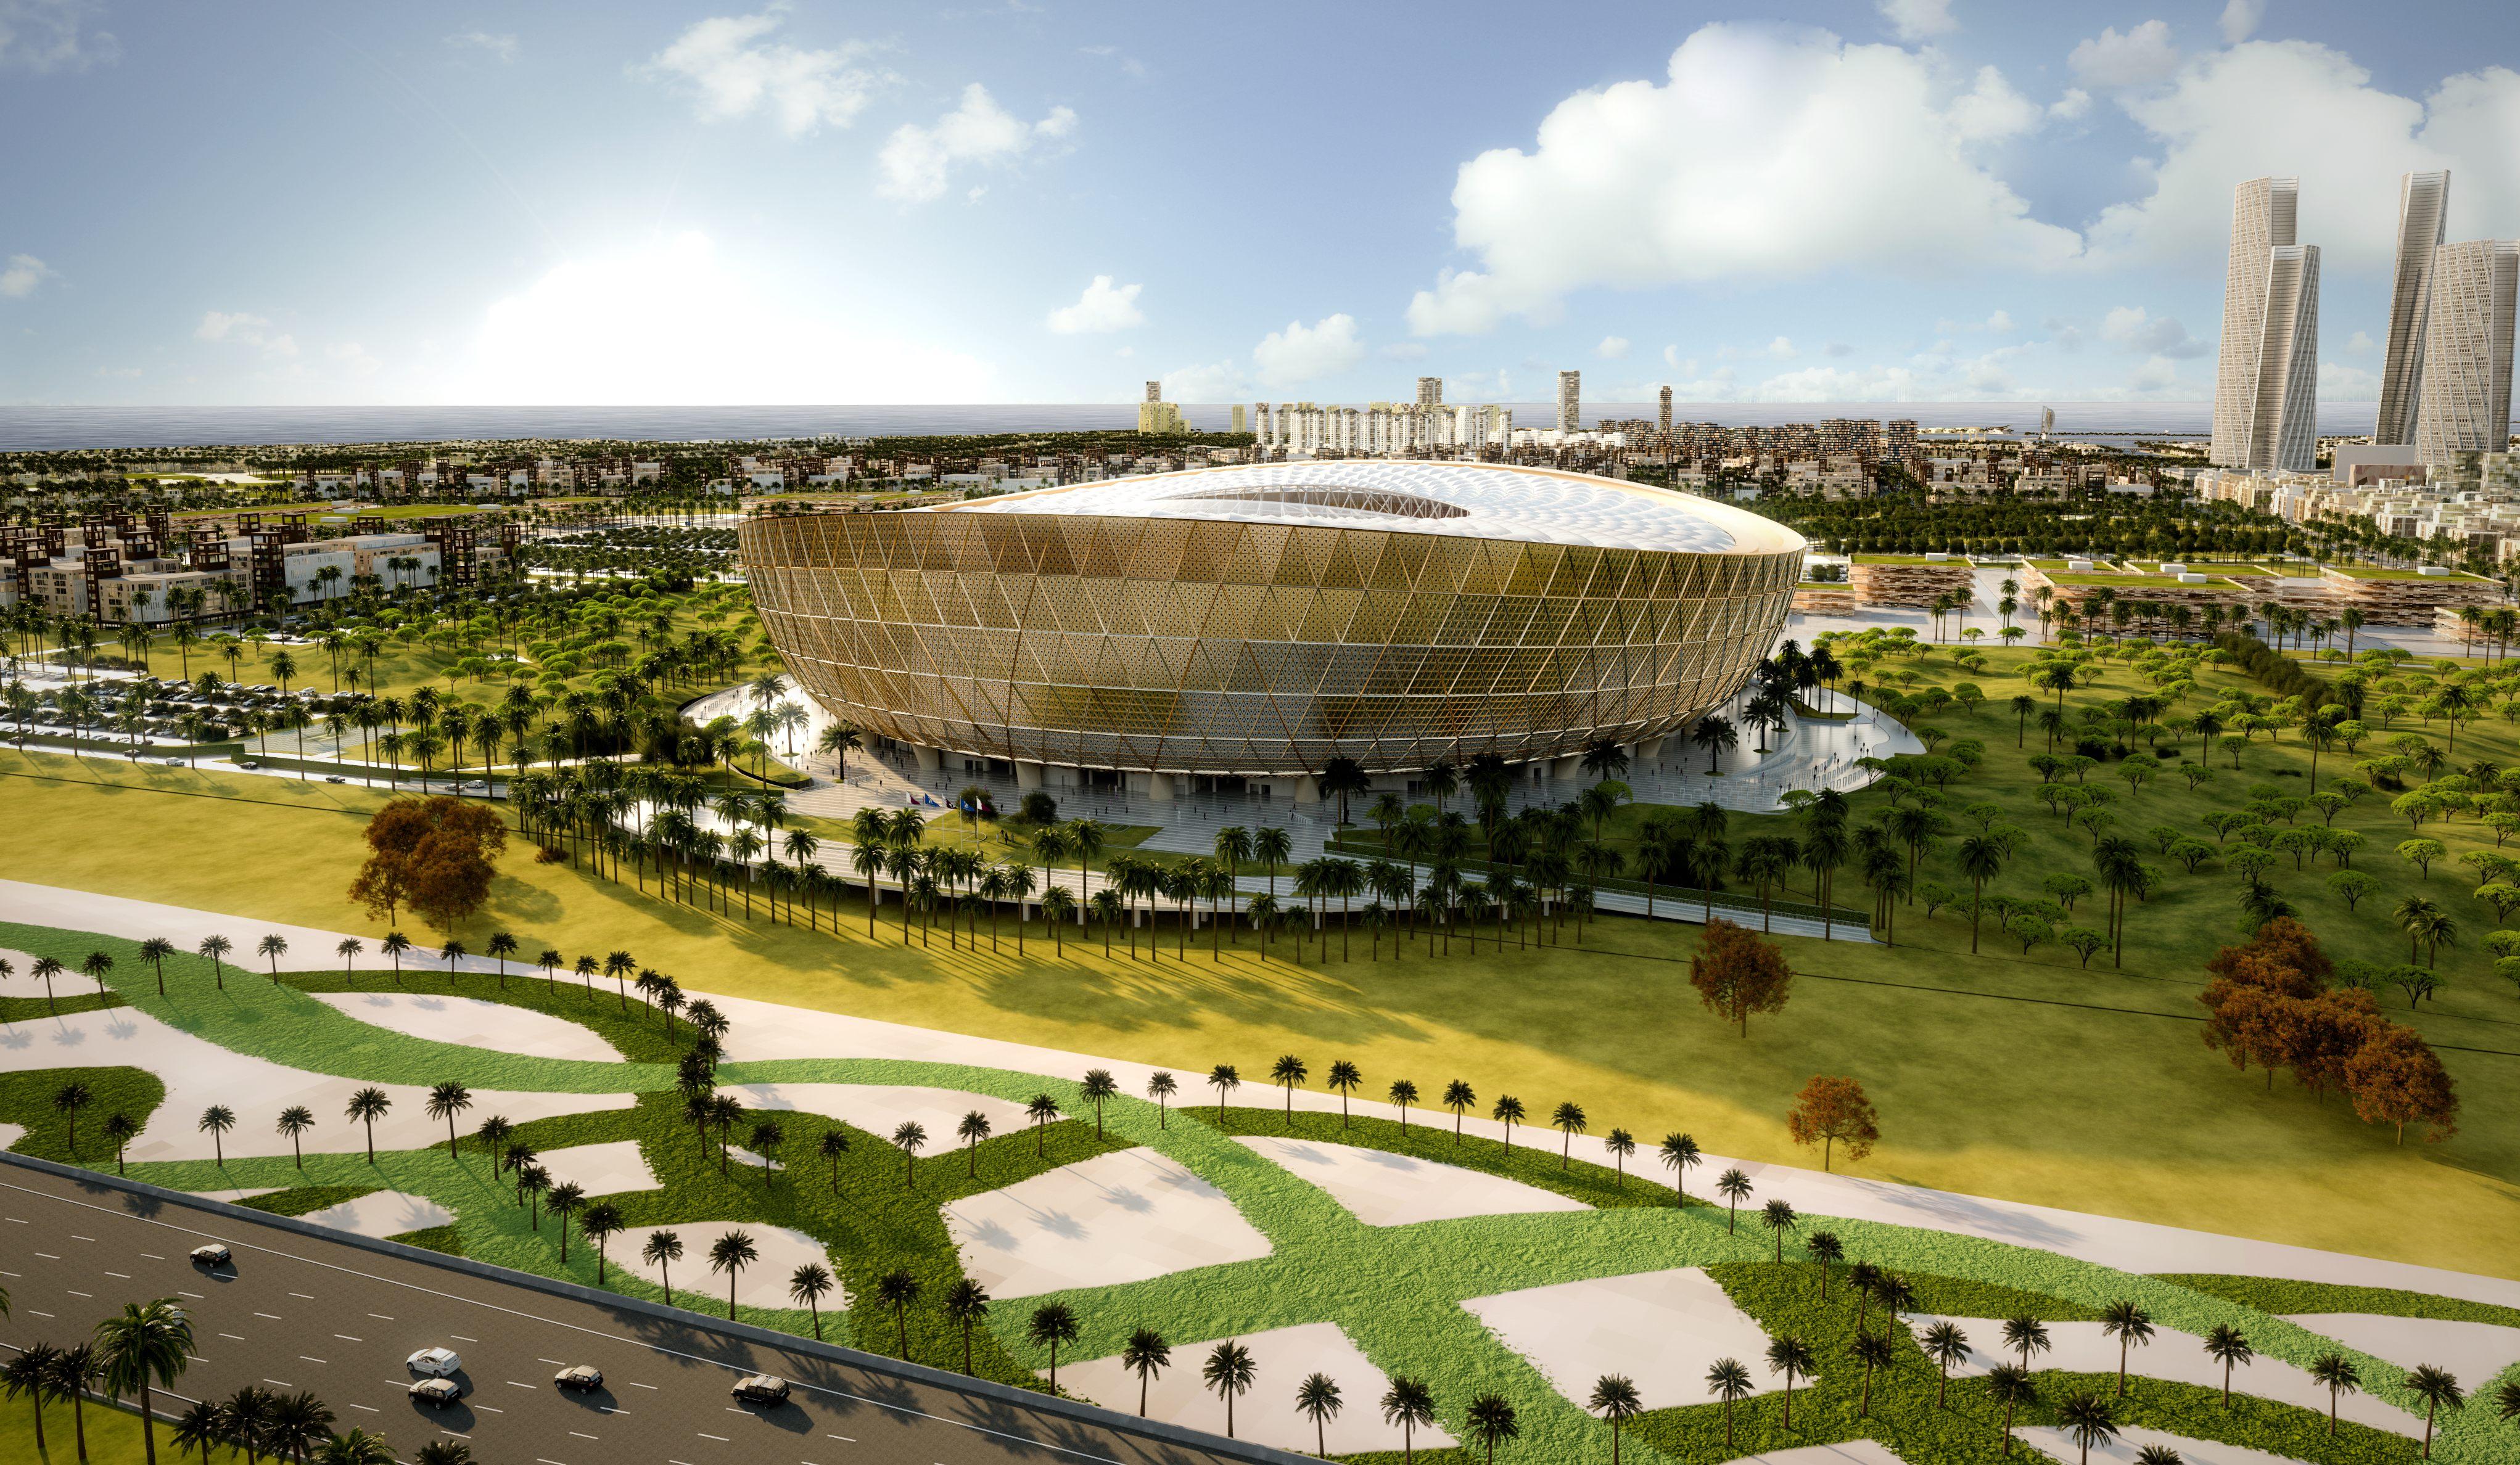 Qatar unveils Lusail Stadium